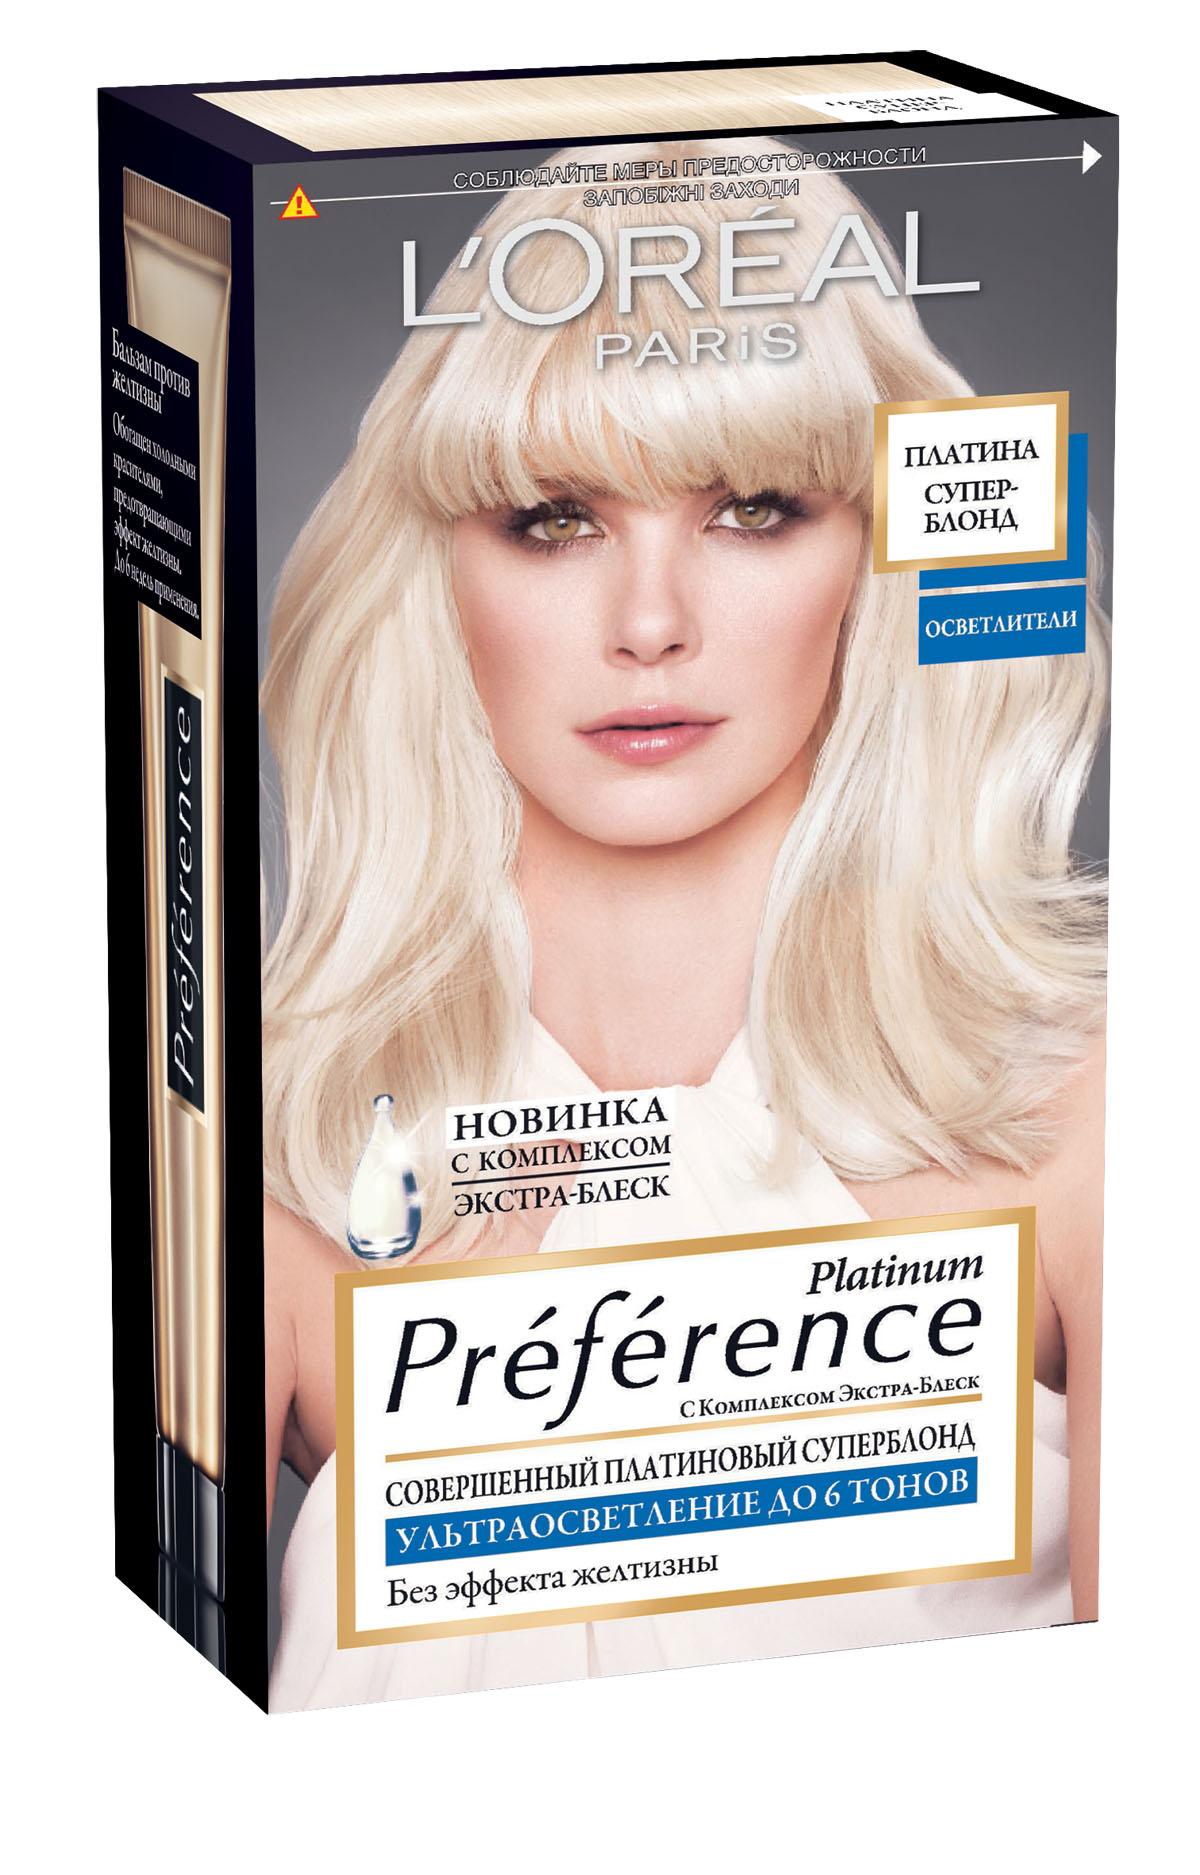 LOreal Paris Стойкая краска для волос Preference, Платина Суперблонд , 6 тонов осветленияA6737001Последнее поколение средств для достижения совершенного ПЛАТИНОВОГО СУПЕРБЛОНДА - краска Preference Platinum от LOreal Paris. Инновационная формула осветляет волосы до 6-ти тонов. Превосходный результат окрашивания волос дома! Бальзам обогащен холодными красителями ПРОТИВ ЖЕЛТИЗНЫ. Комплекс ЭКСТРА-БЛЕСК обеспечивает роскошное сияние надолго! В состав упаковки входит: тюбик с осветляющим кремом (25 мл), флакон с проявляющим кремом (75 мл), упаковка осветляющего порошка (22 г), бальзам против желтизны (54 мл), инструкция по применению, пара перчаток.